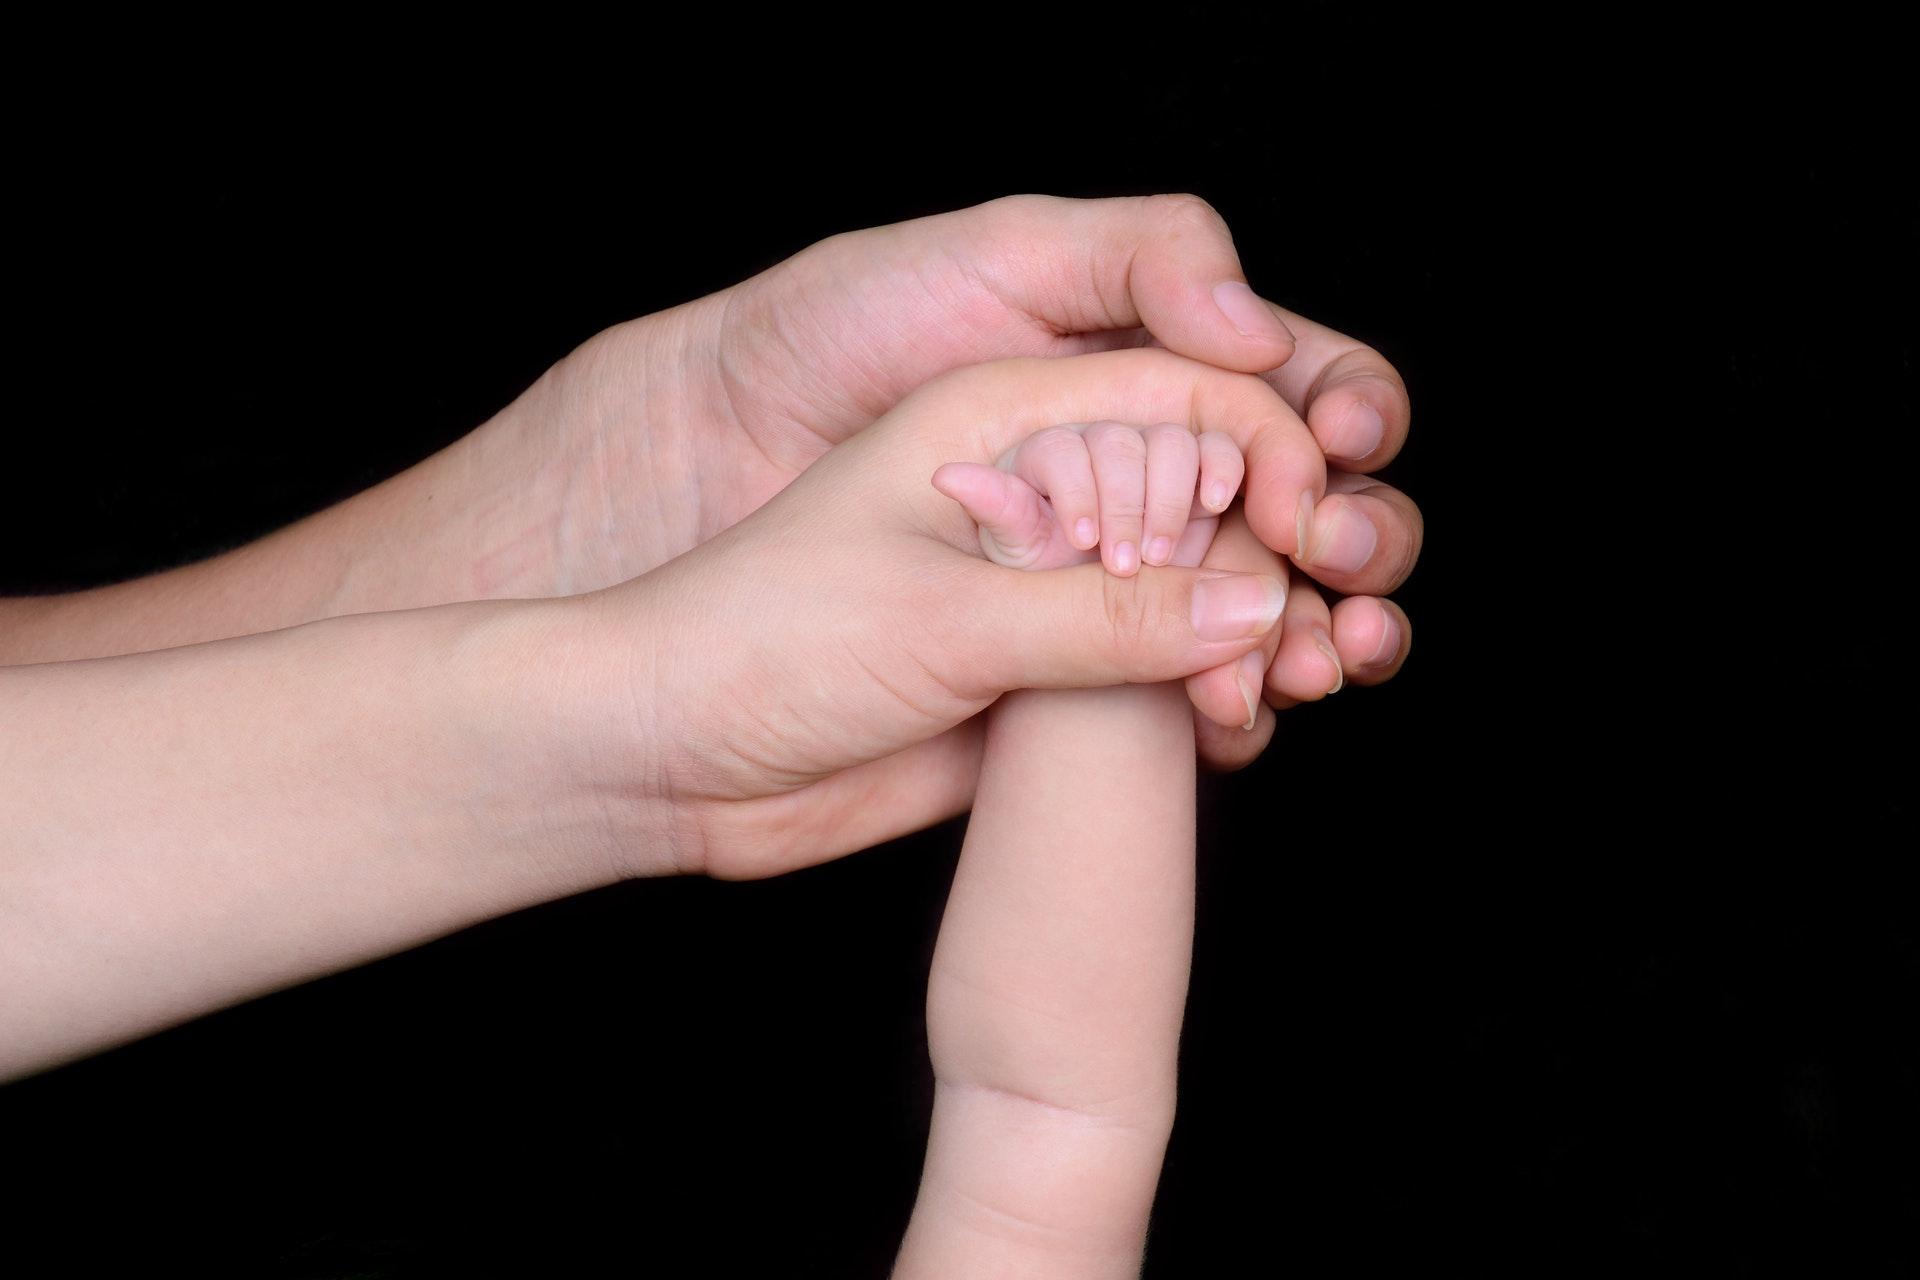 famiglia genitori articolo blog veronica rossi psicologa